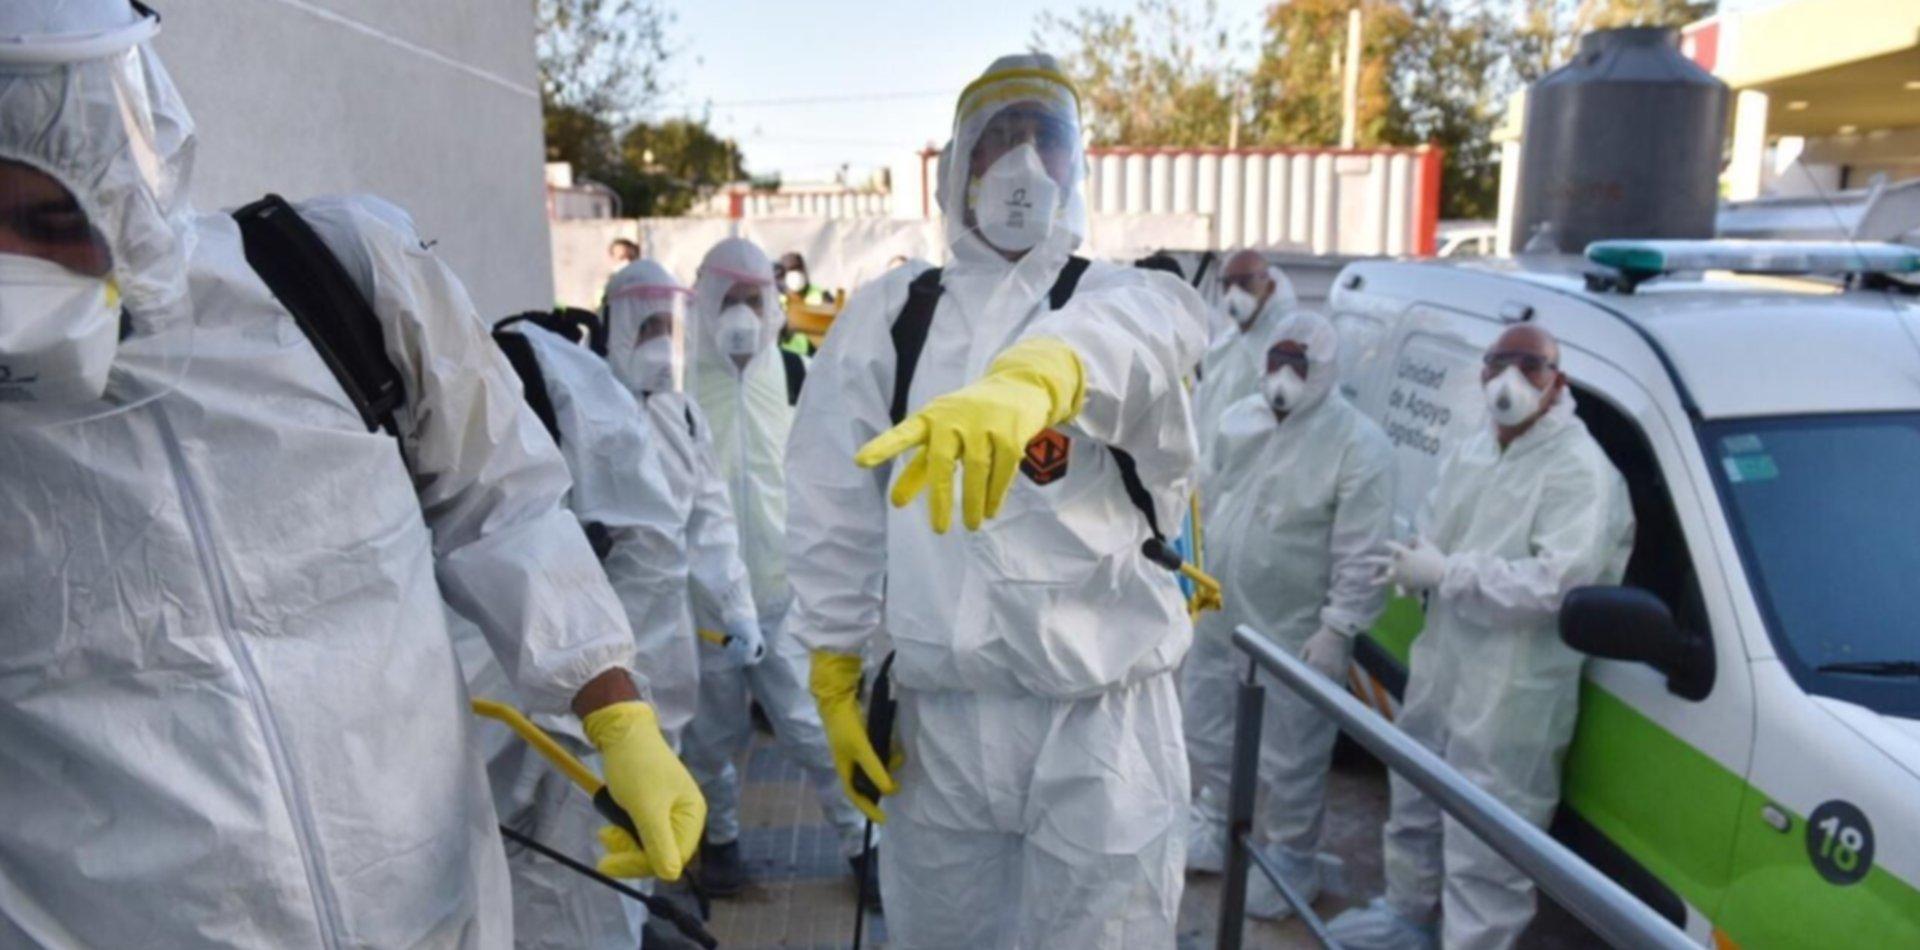 ¿Cuál es la zona de La Plata con más casos de coronavirus?